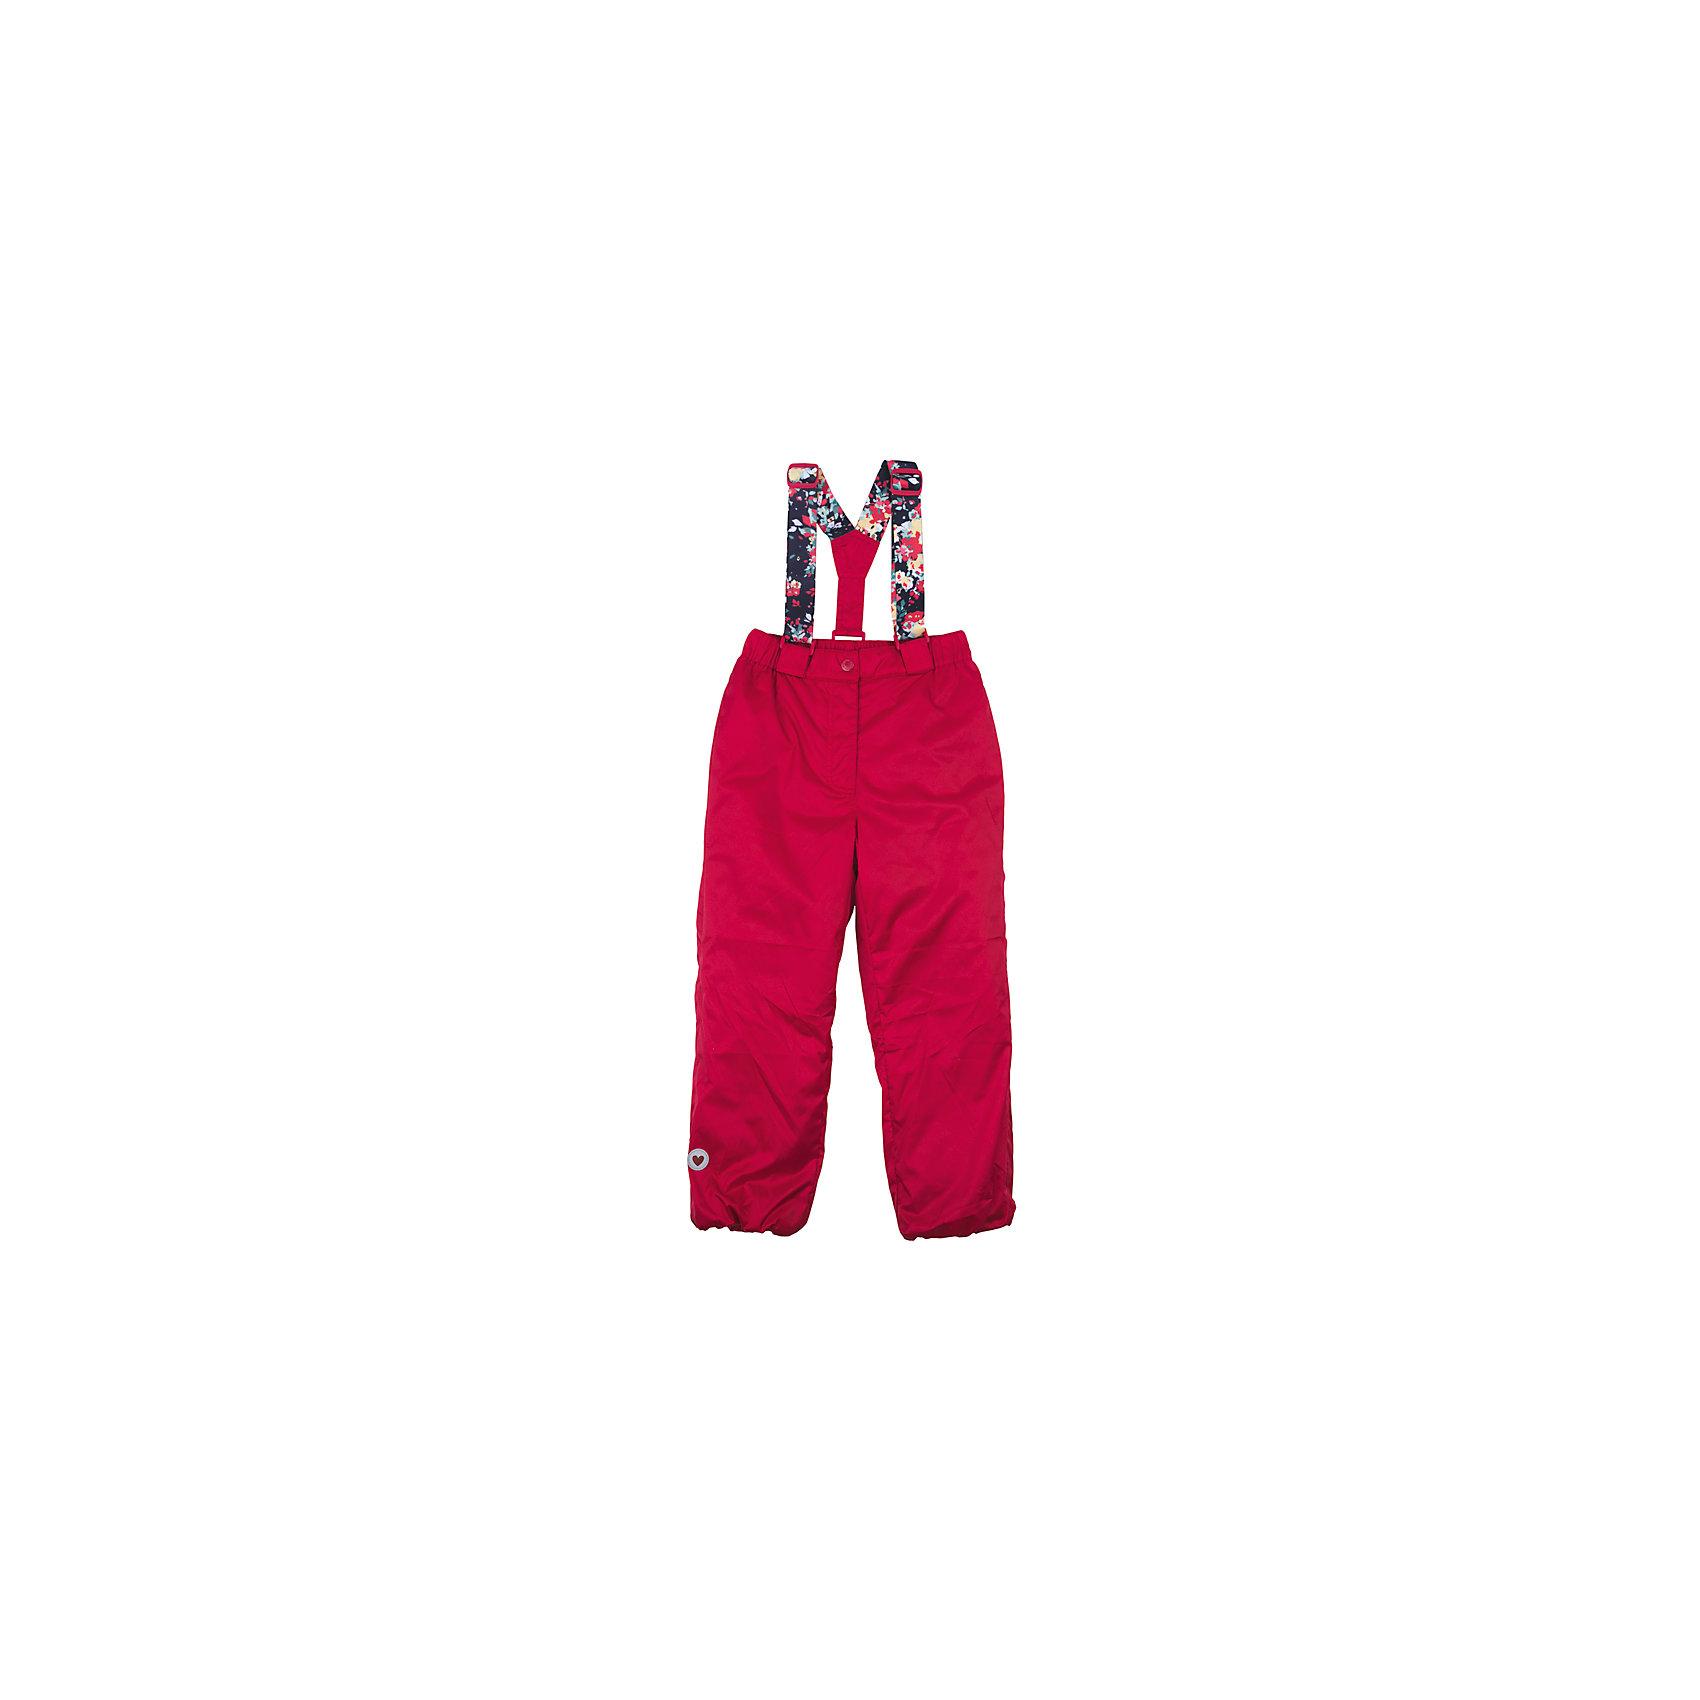 Брюки для девочки PlayTodayВерхняя одежда<br>Характеристики товара:<br><br>• цвет: красный<br>• состав: 100% нейлон, подкладка - 100% полиэстер<br>• утеплитель: 100% полиэстер, 50 г/м2<br>• температурный режим: от +5°С до +15°С<br>• регулируемые лямки<br>• водоотталкивающая пропитка <br>• светоотражающие элементы<br>• комфортная посадка<br>• коллекция: весна-лето 2017<br>• страна бренда: Германия<br>• страна производства: Китай<br><br>Популярный бренд PlayToday выпустил новую коллекцию! Вещи из неё продолжают радовать покупателей удобством, стильным дизайном и продуманным кроем. Дети носят их с удовольствием. PlayToday - это линейка товаров, созданная специально для детей. Дизайнеры учитывают новые веяния моды и потребности детей. Порадуйте ребенка обновкой от проверенного производителя!<br>Такие демисезонные стильные брюки обеспечат ребенку комфорт благодаря качественному материалу и продуманному крою. С помощью этой модели можно удобно одеться по погоде. Очень модная модель! Отлично подходит для переменной погоды межсезонья.<br><br>Брюки для девочки от известного бренда PlayToday можно купить в нашем интернет-магазине.<br><br>Ширина мм: 215<br>Глубина мм: 88<br>Высота мм: 191<br>Вес г: 336<br>Цвет: красный<br>Возраст от месяцев: 24<br>Возраст до месяцев: 36<br>Пол: Женский<br>Возраст: Детский<br>Размер: 98,128,104,110,116,122<br>SKU: 5403606